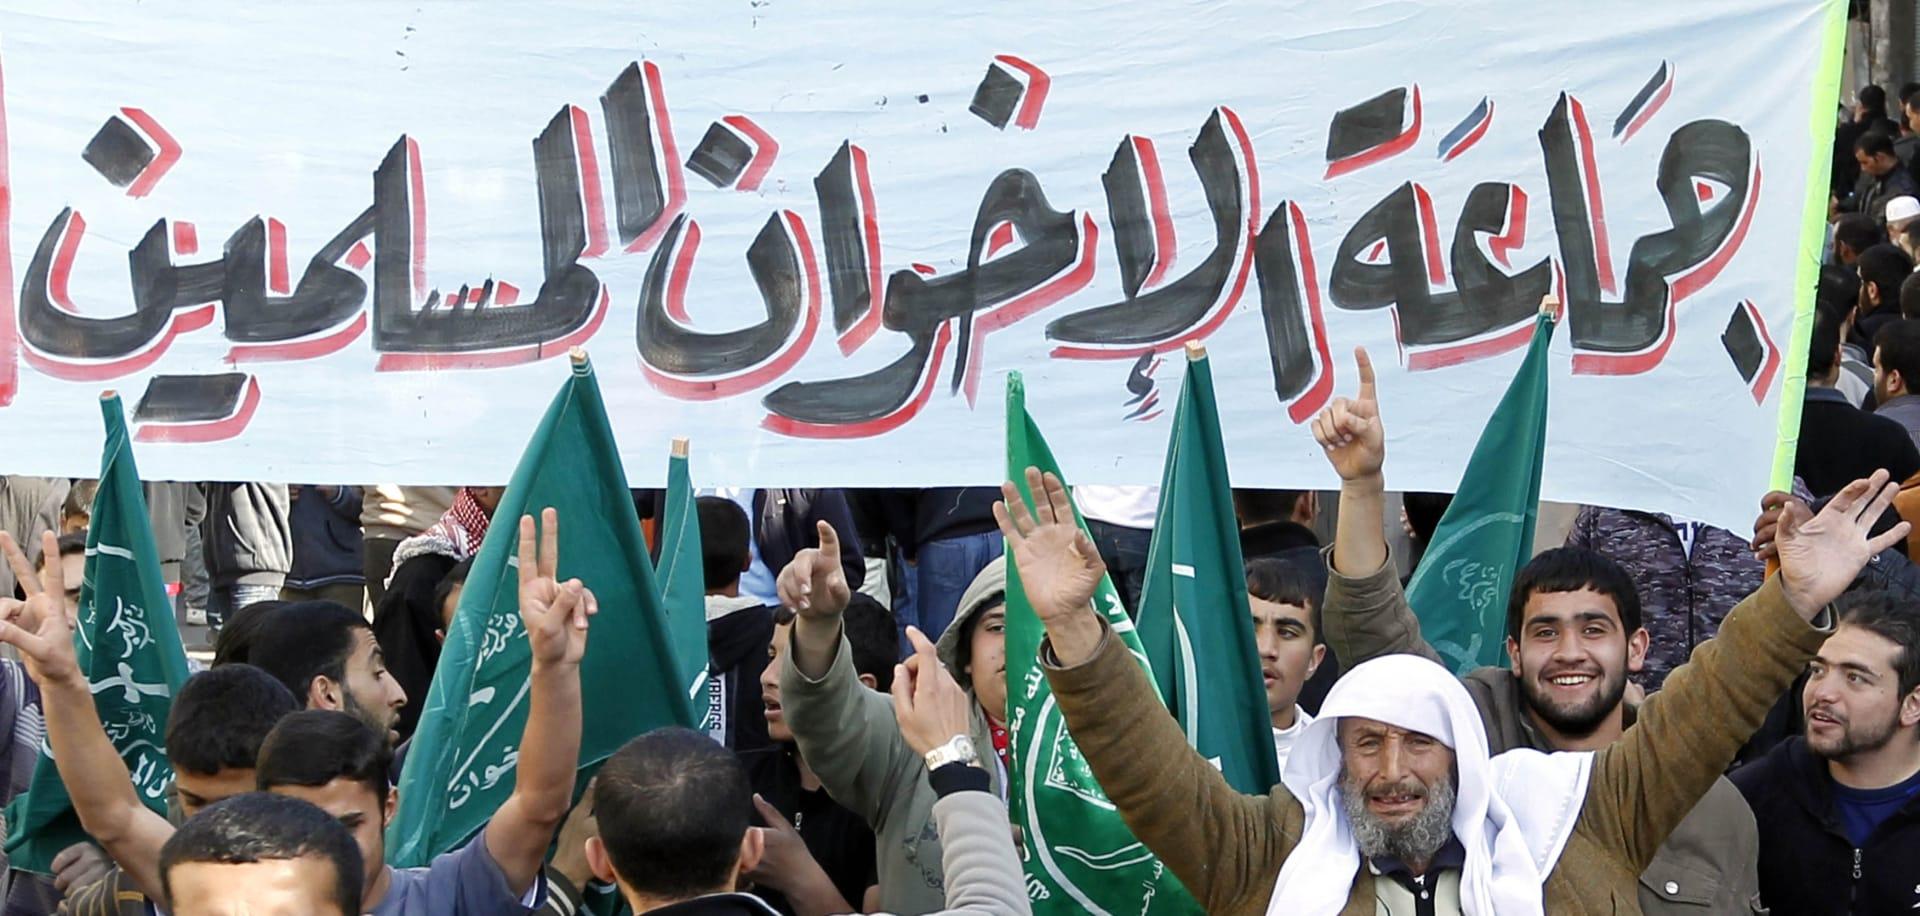 """""""هيومن رايتس ووتش"""" تطالب السيسي بـ""""رد قوي"""" على تصريحات الزند عن """"قتل الإخوان"""""""